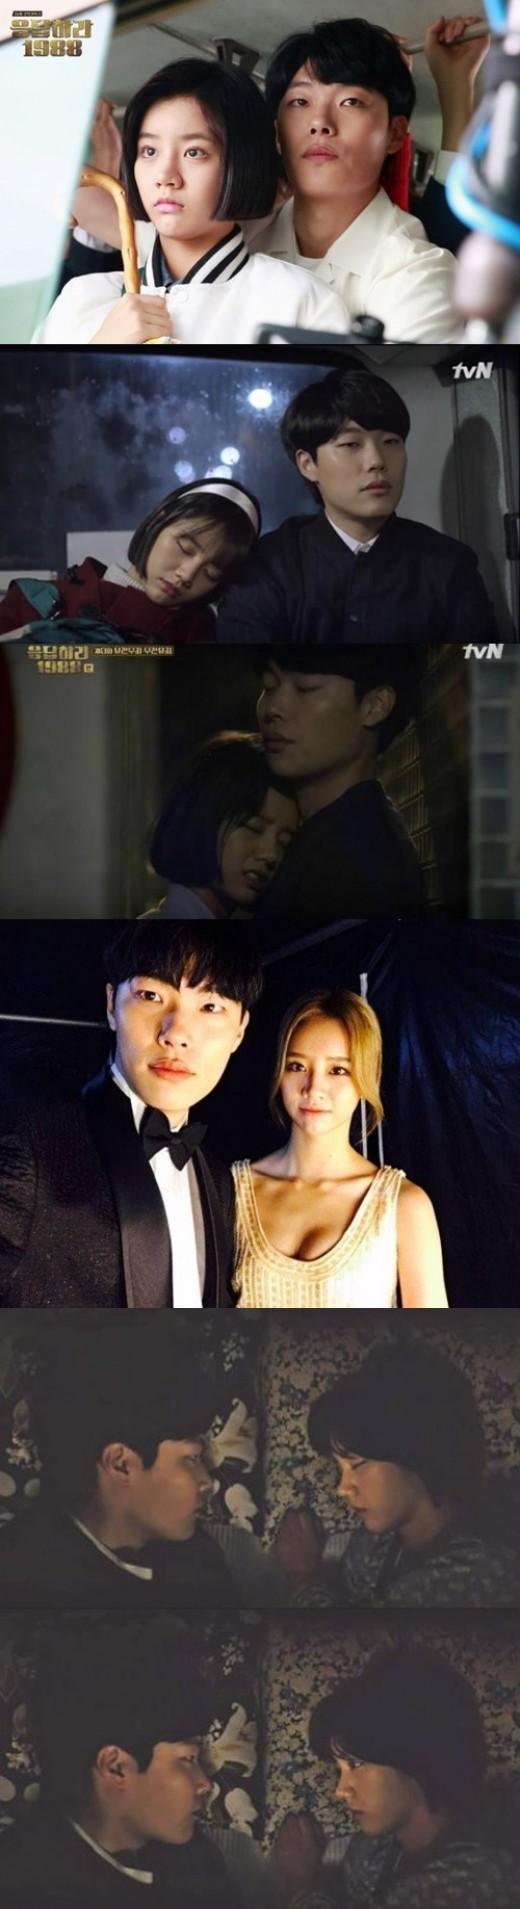 #응팔 #SNS…류준열♥혜리의 '하트시그널' (ft. 성지순례)